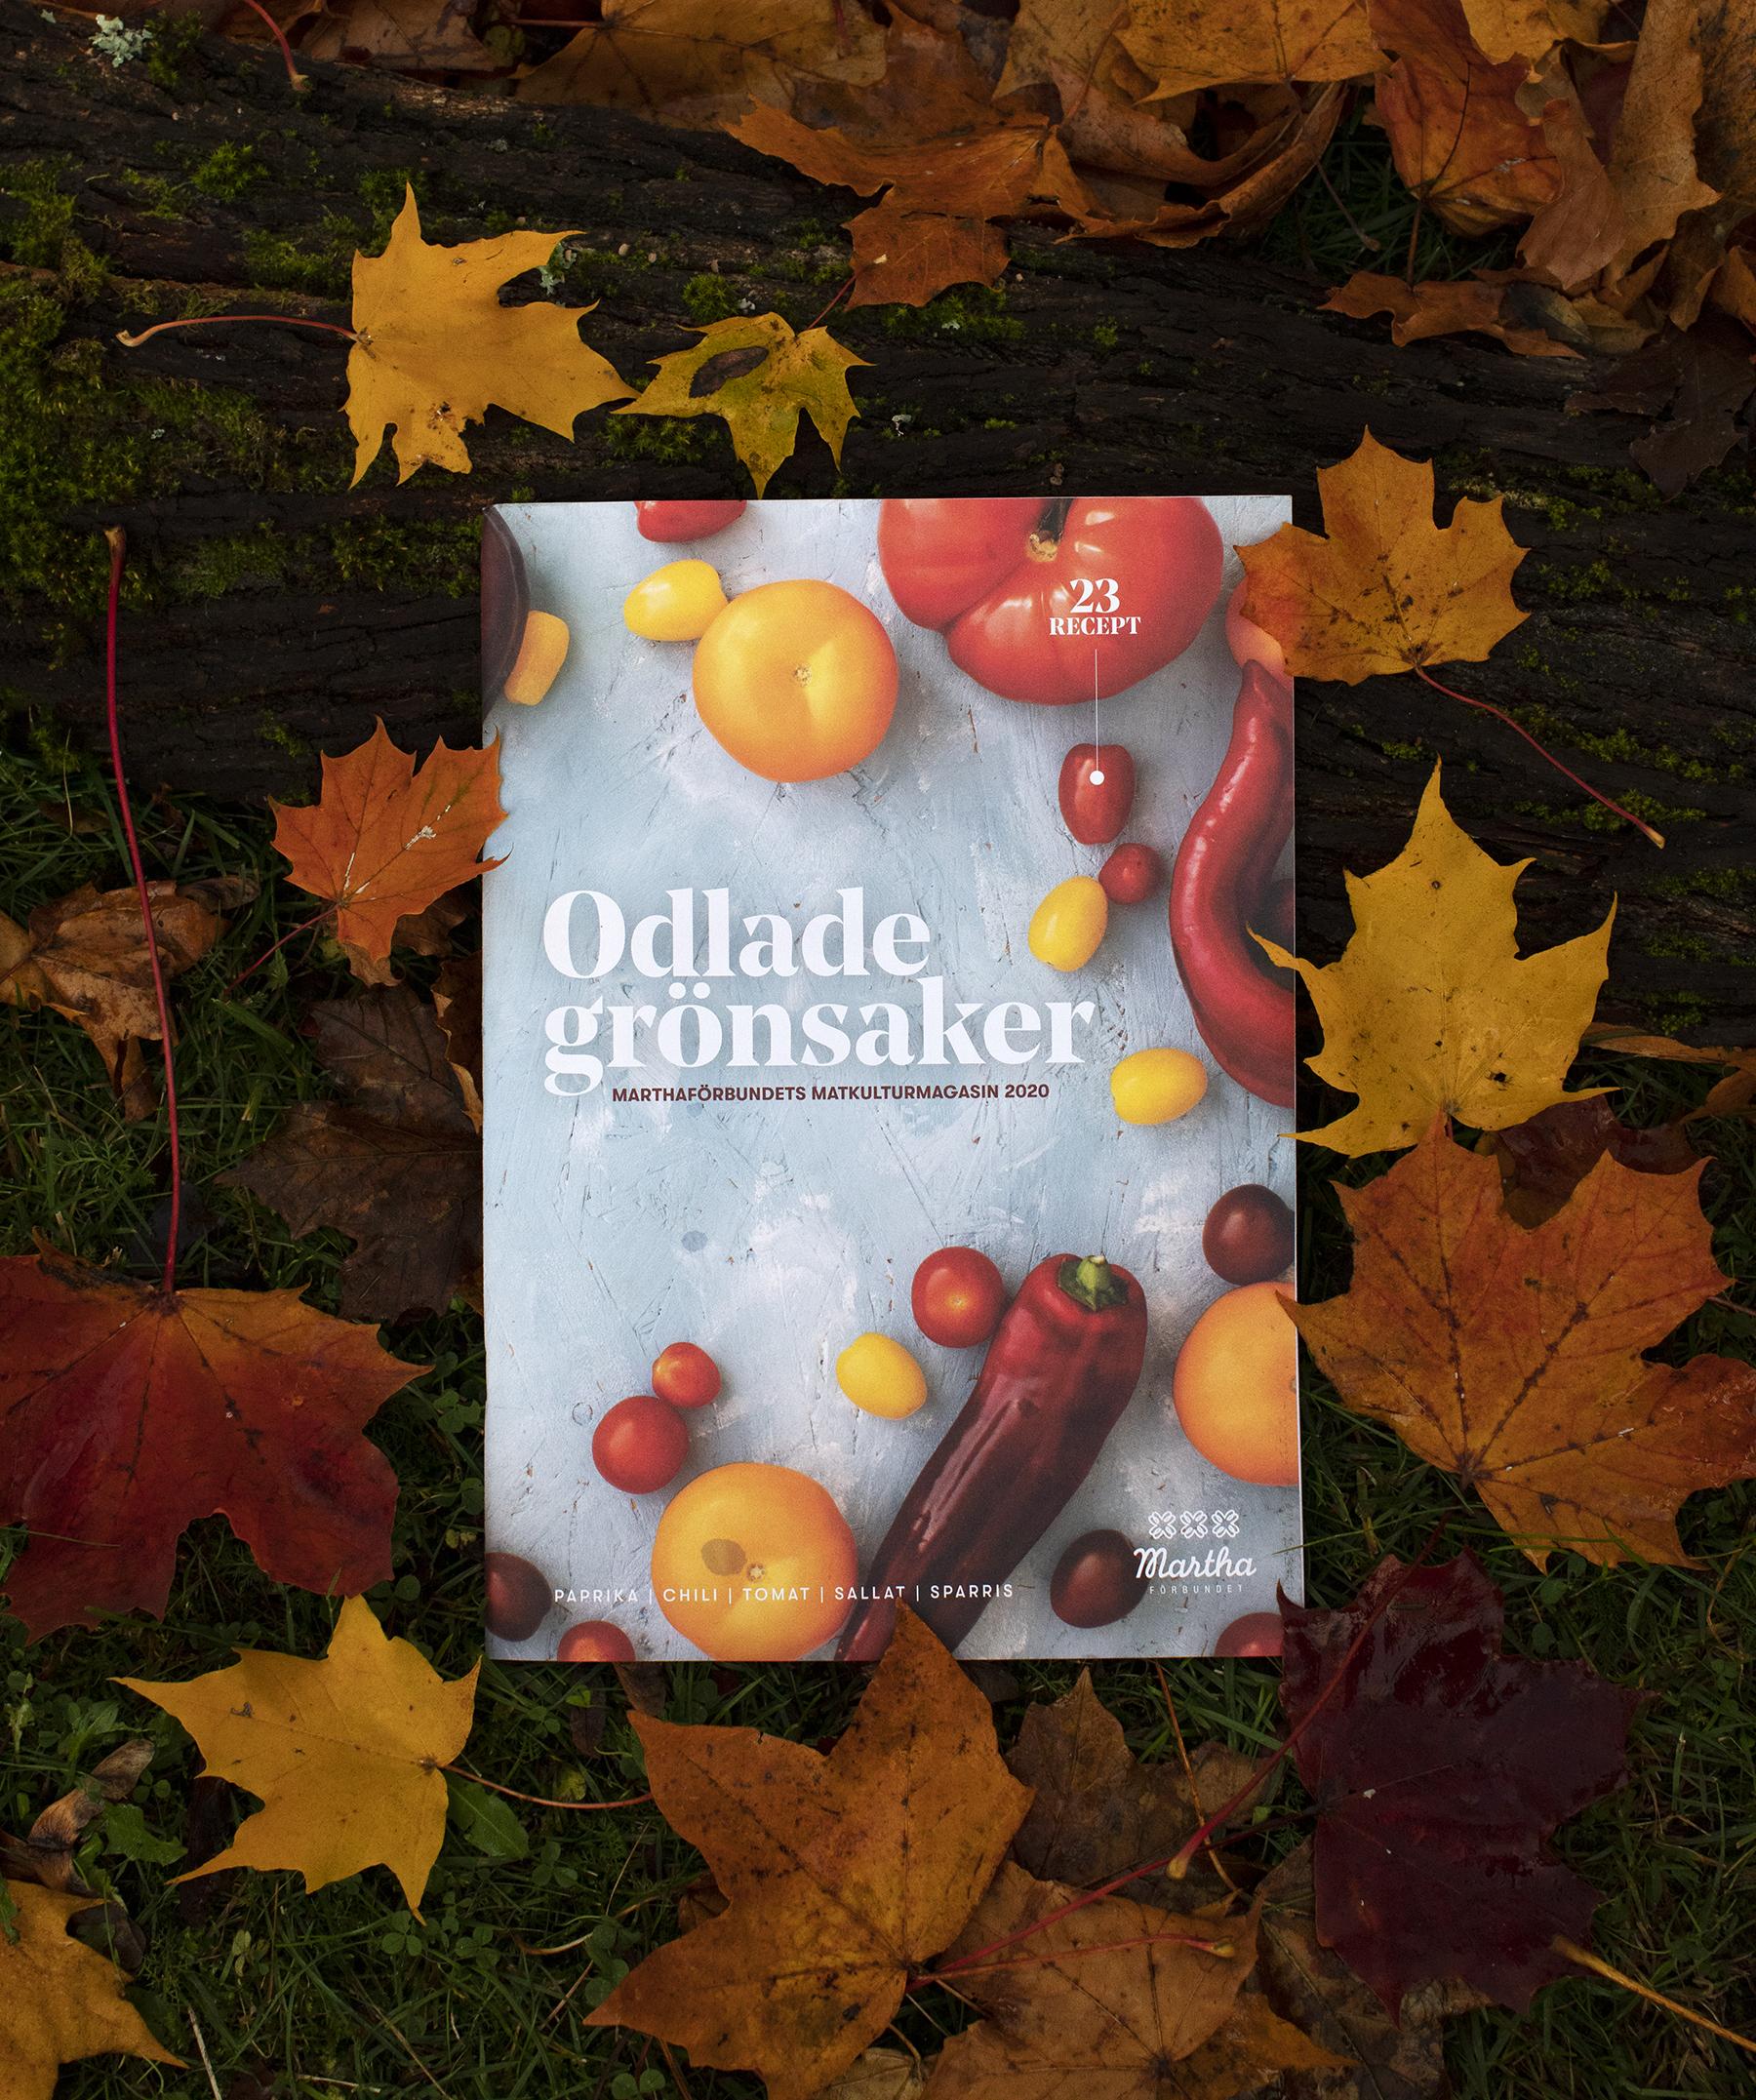 Odlade gronsaker matkulturmagasin